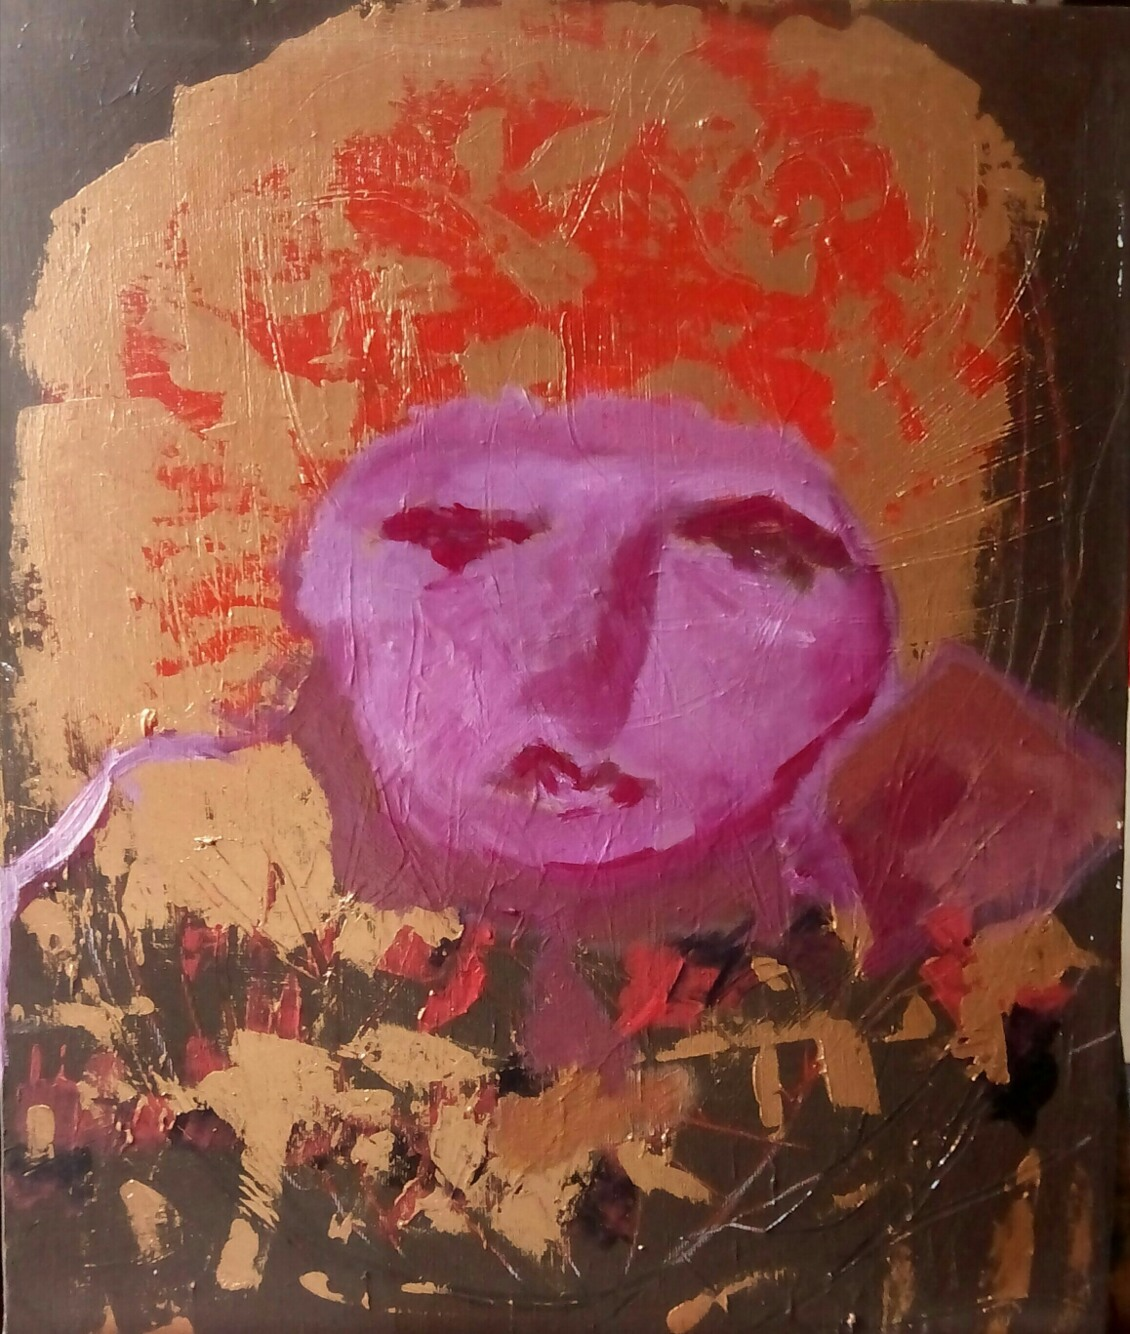 Rabia - Cuadro en venta Artista Maite Arriaga